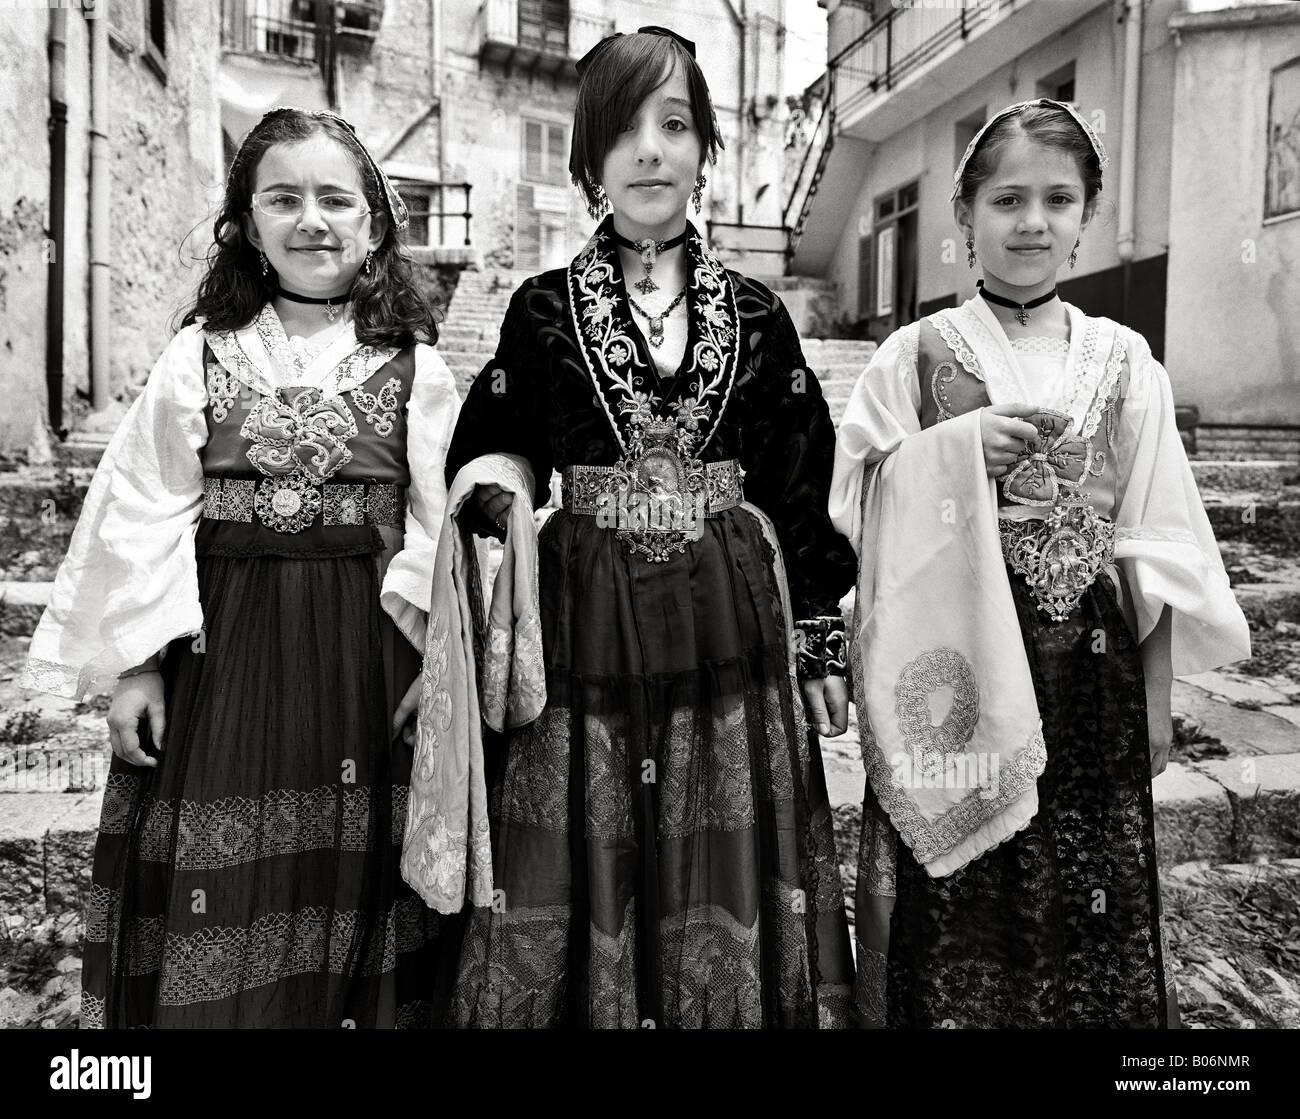 dc0179f0738a Locali di giovani ragazze che indossano abiti tradizionali per la  celebrazione della Pasqua Piana degli Albanesi Palermo Sicilia Italia